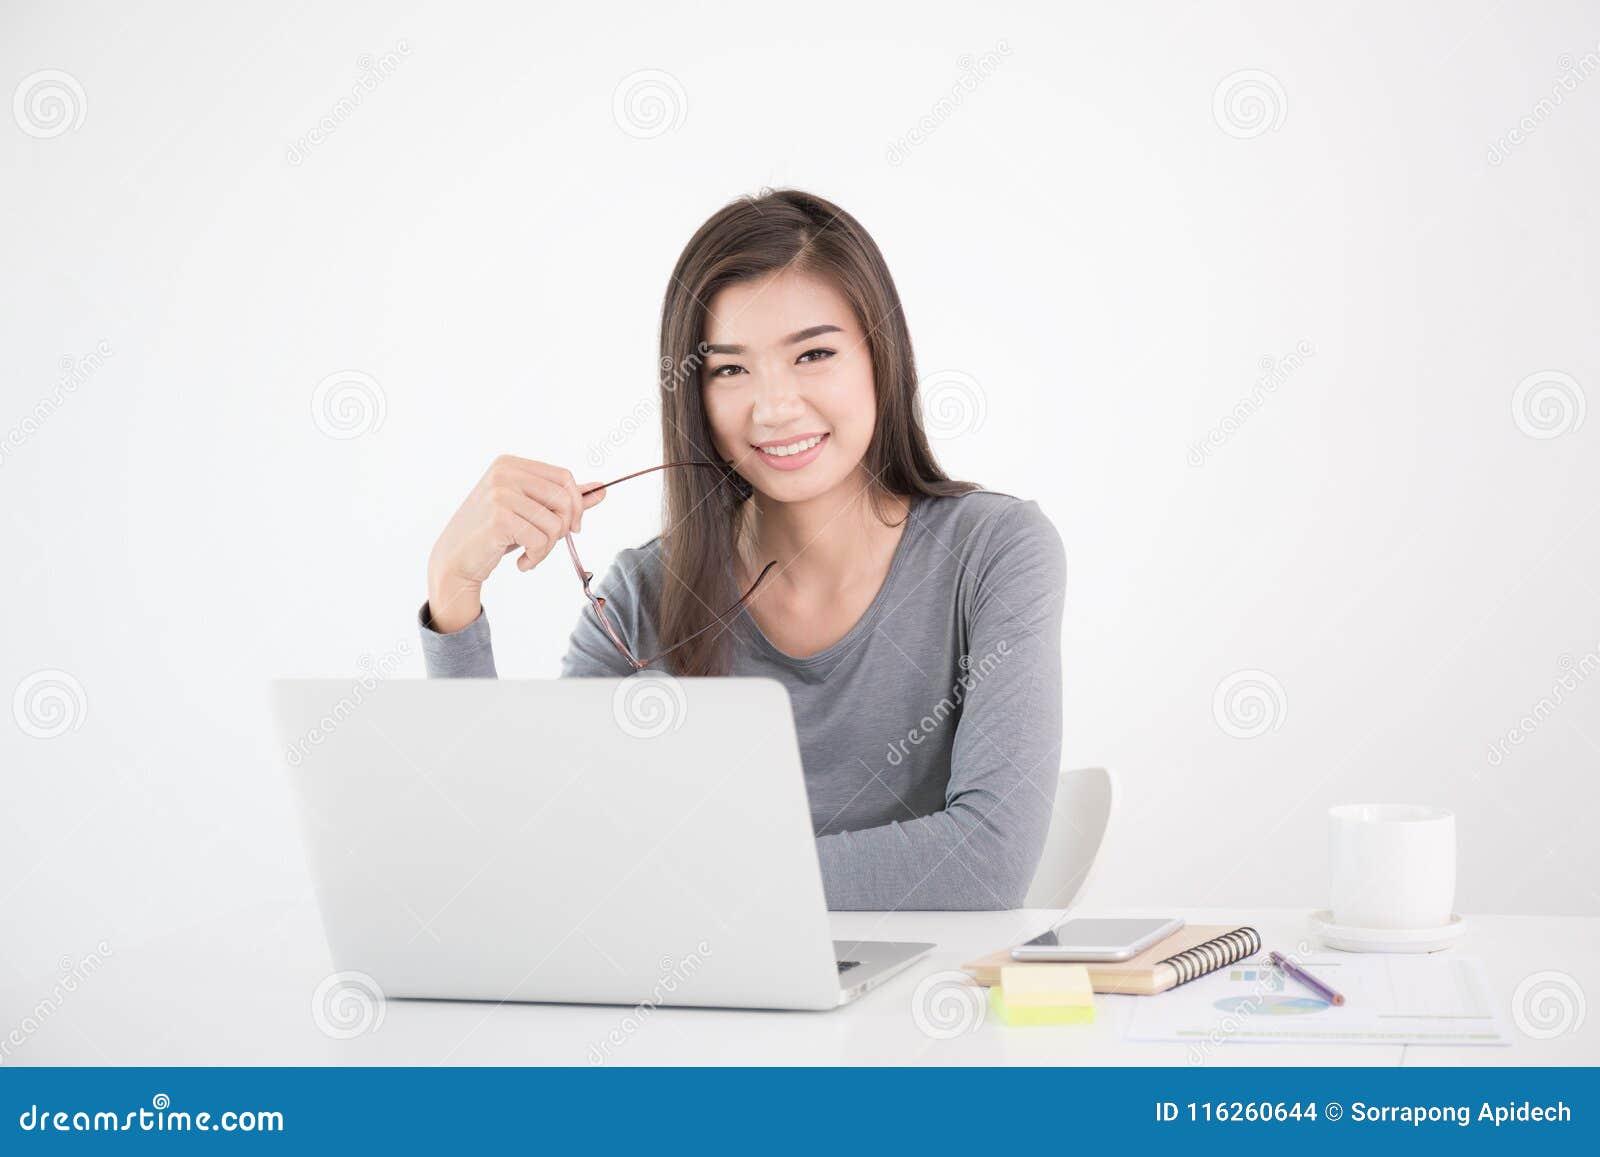 Azjatycka kobieta trzyma szkła w ręce i używa laptop, Żeński smil